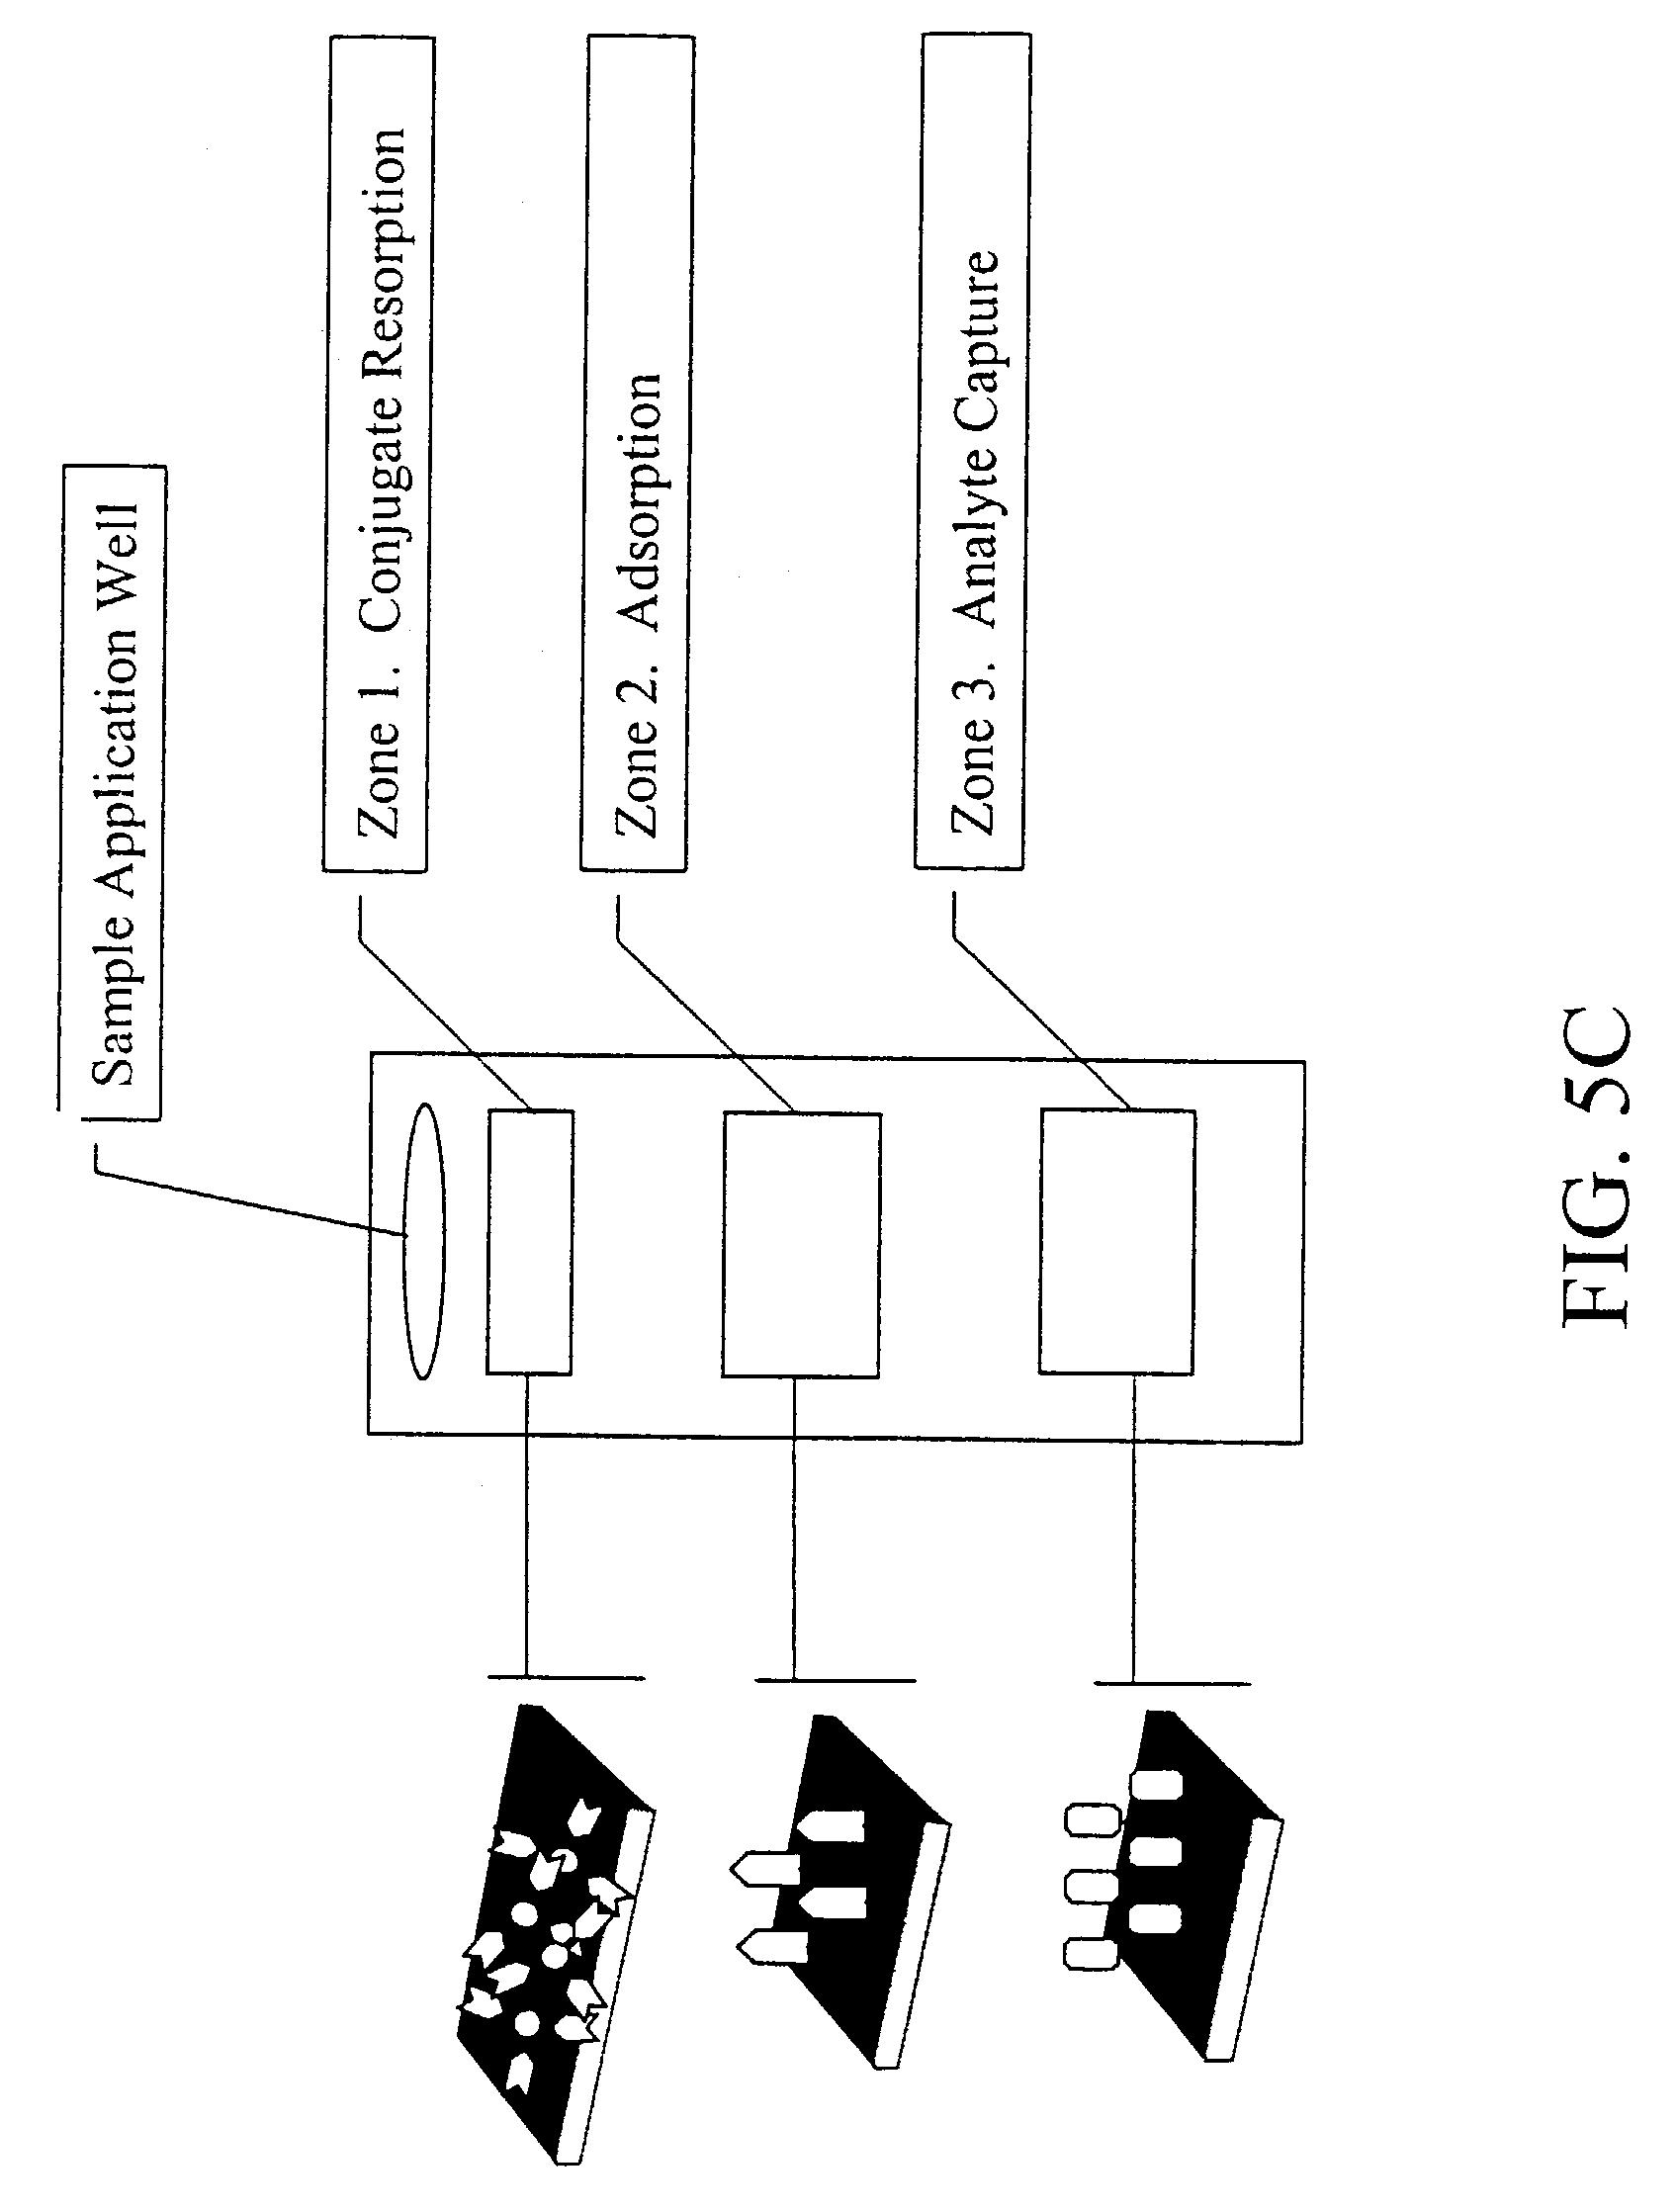 Estrogen receptor binding assay